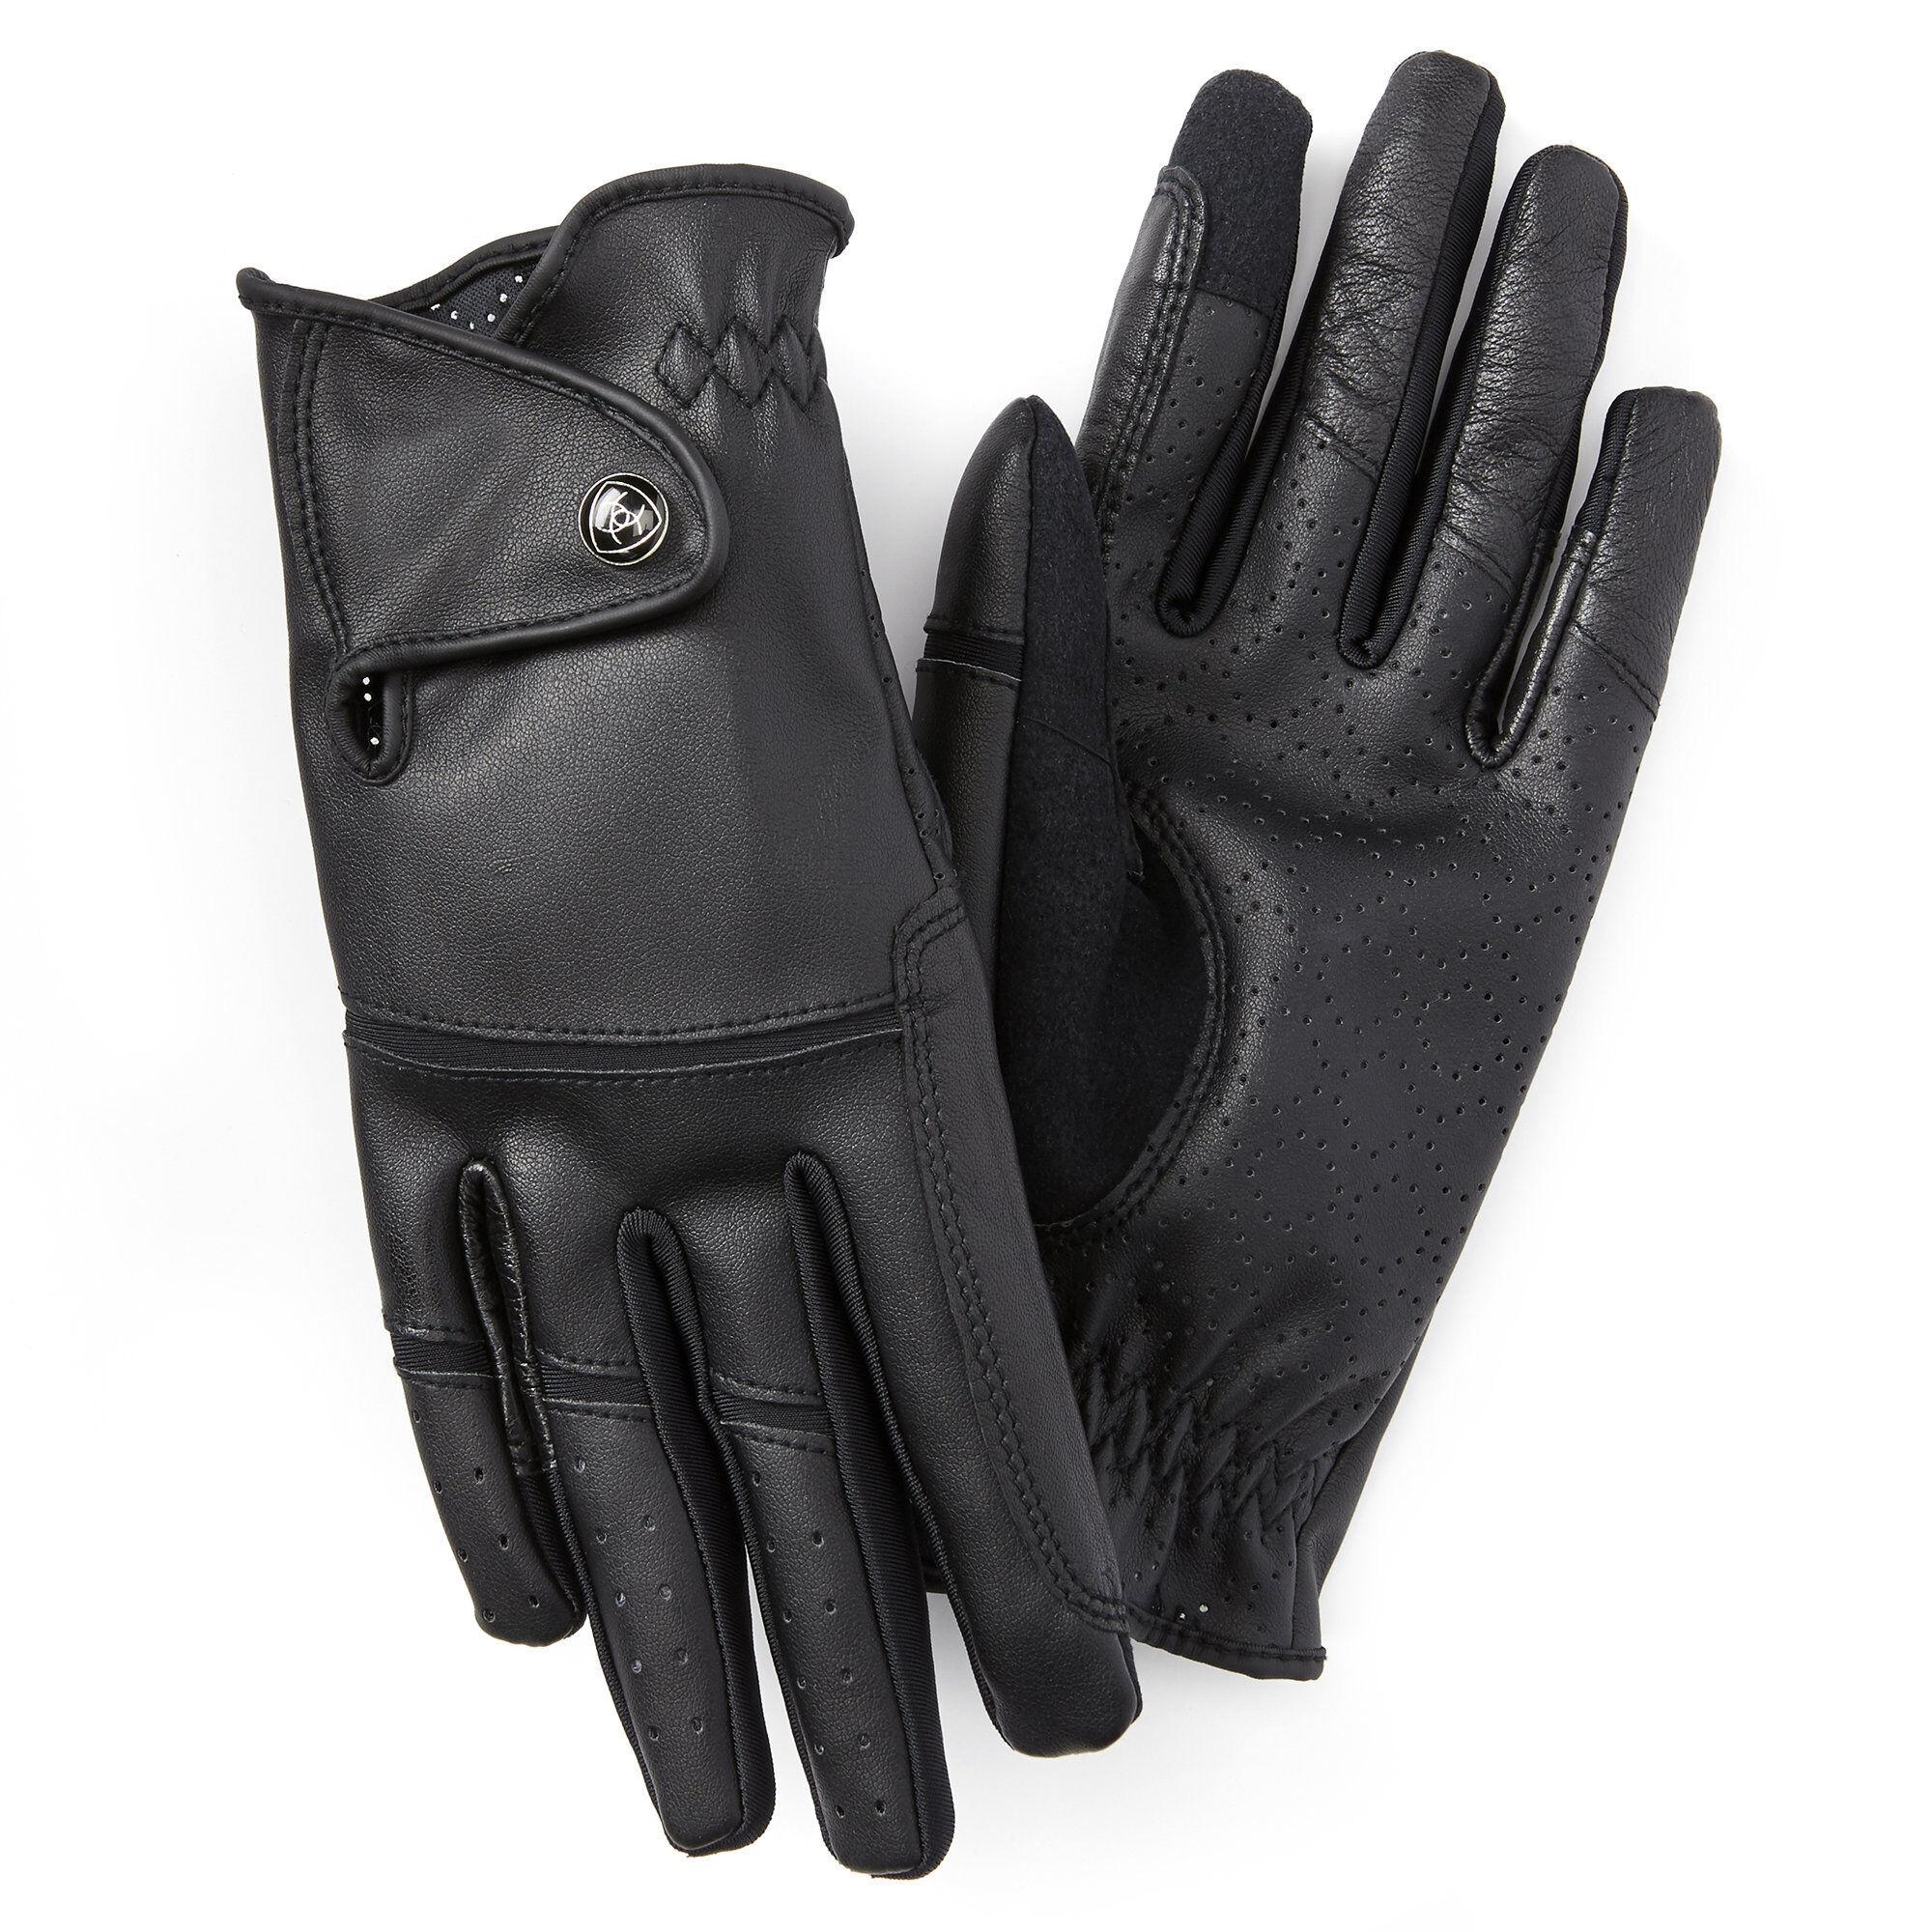 Ariat Elite Grip Gloves in Black, Size 8.5 by Ariat